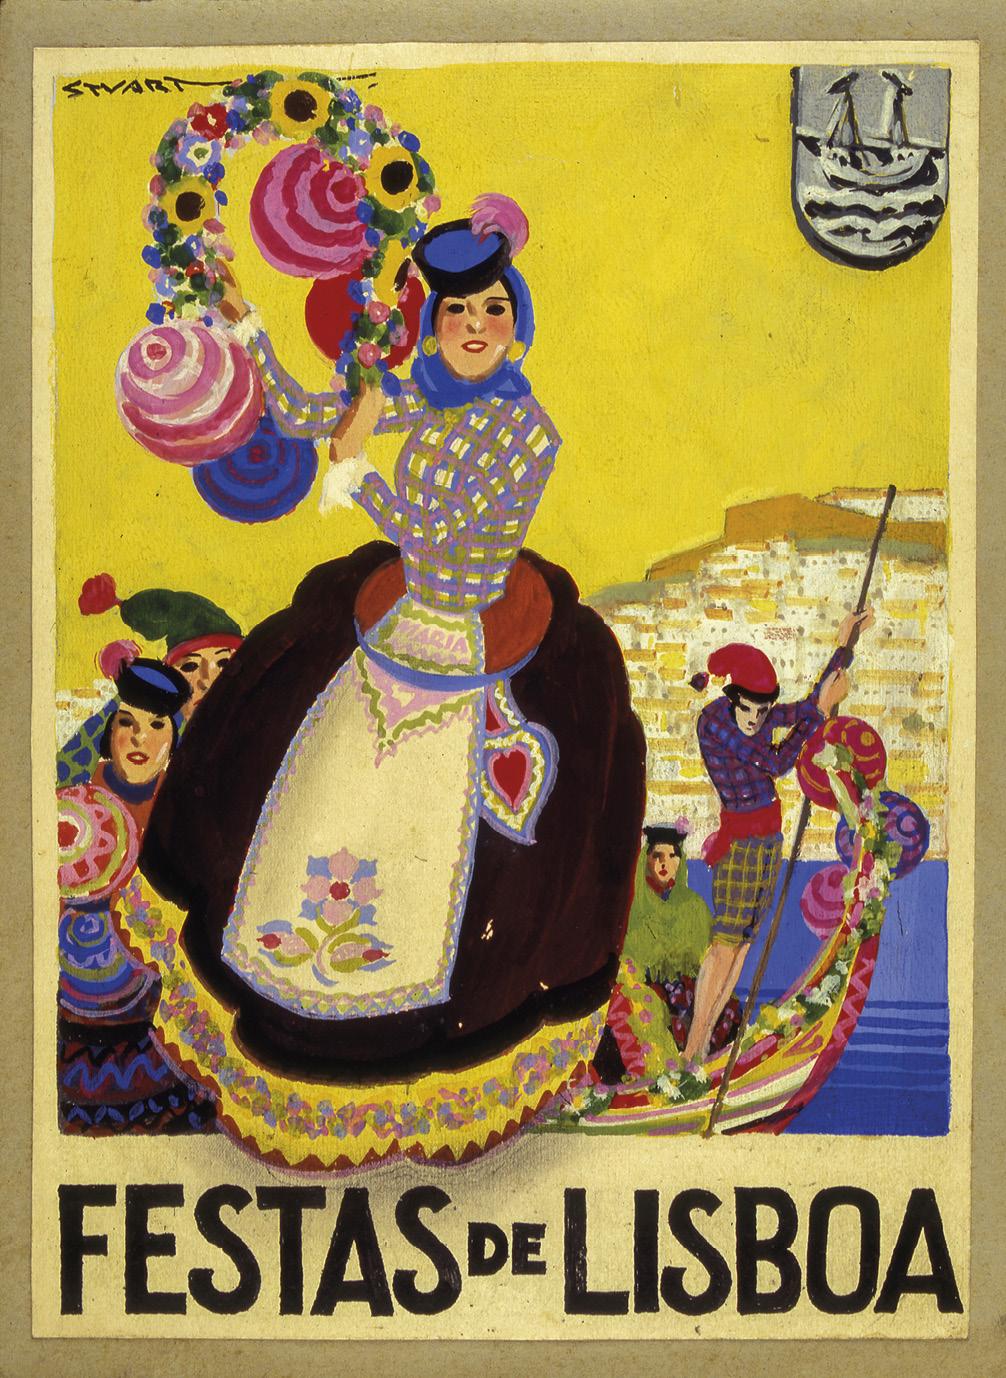 Festas de Lisboa, Guache sobre papel, Stuart de Carvalhais, 1934, MC.PIN.101